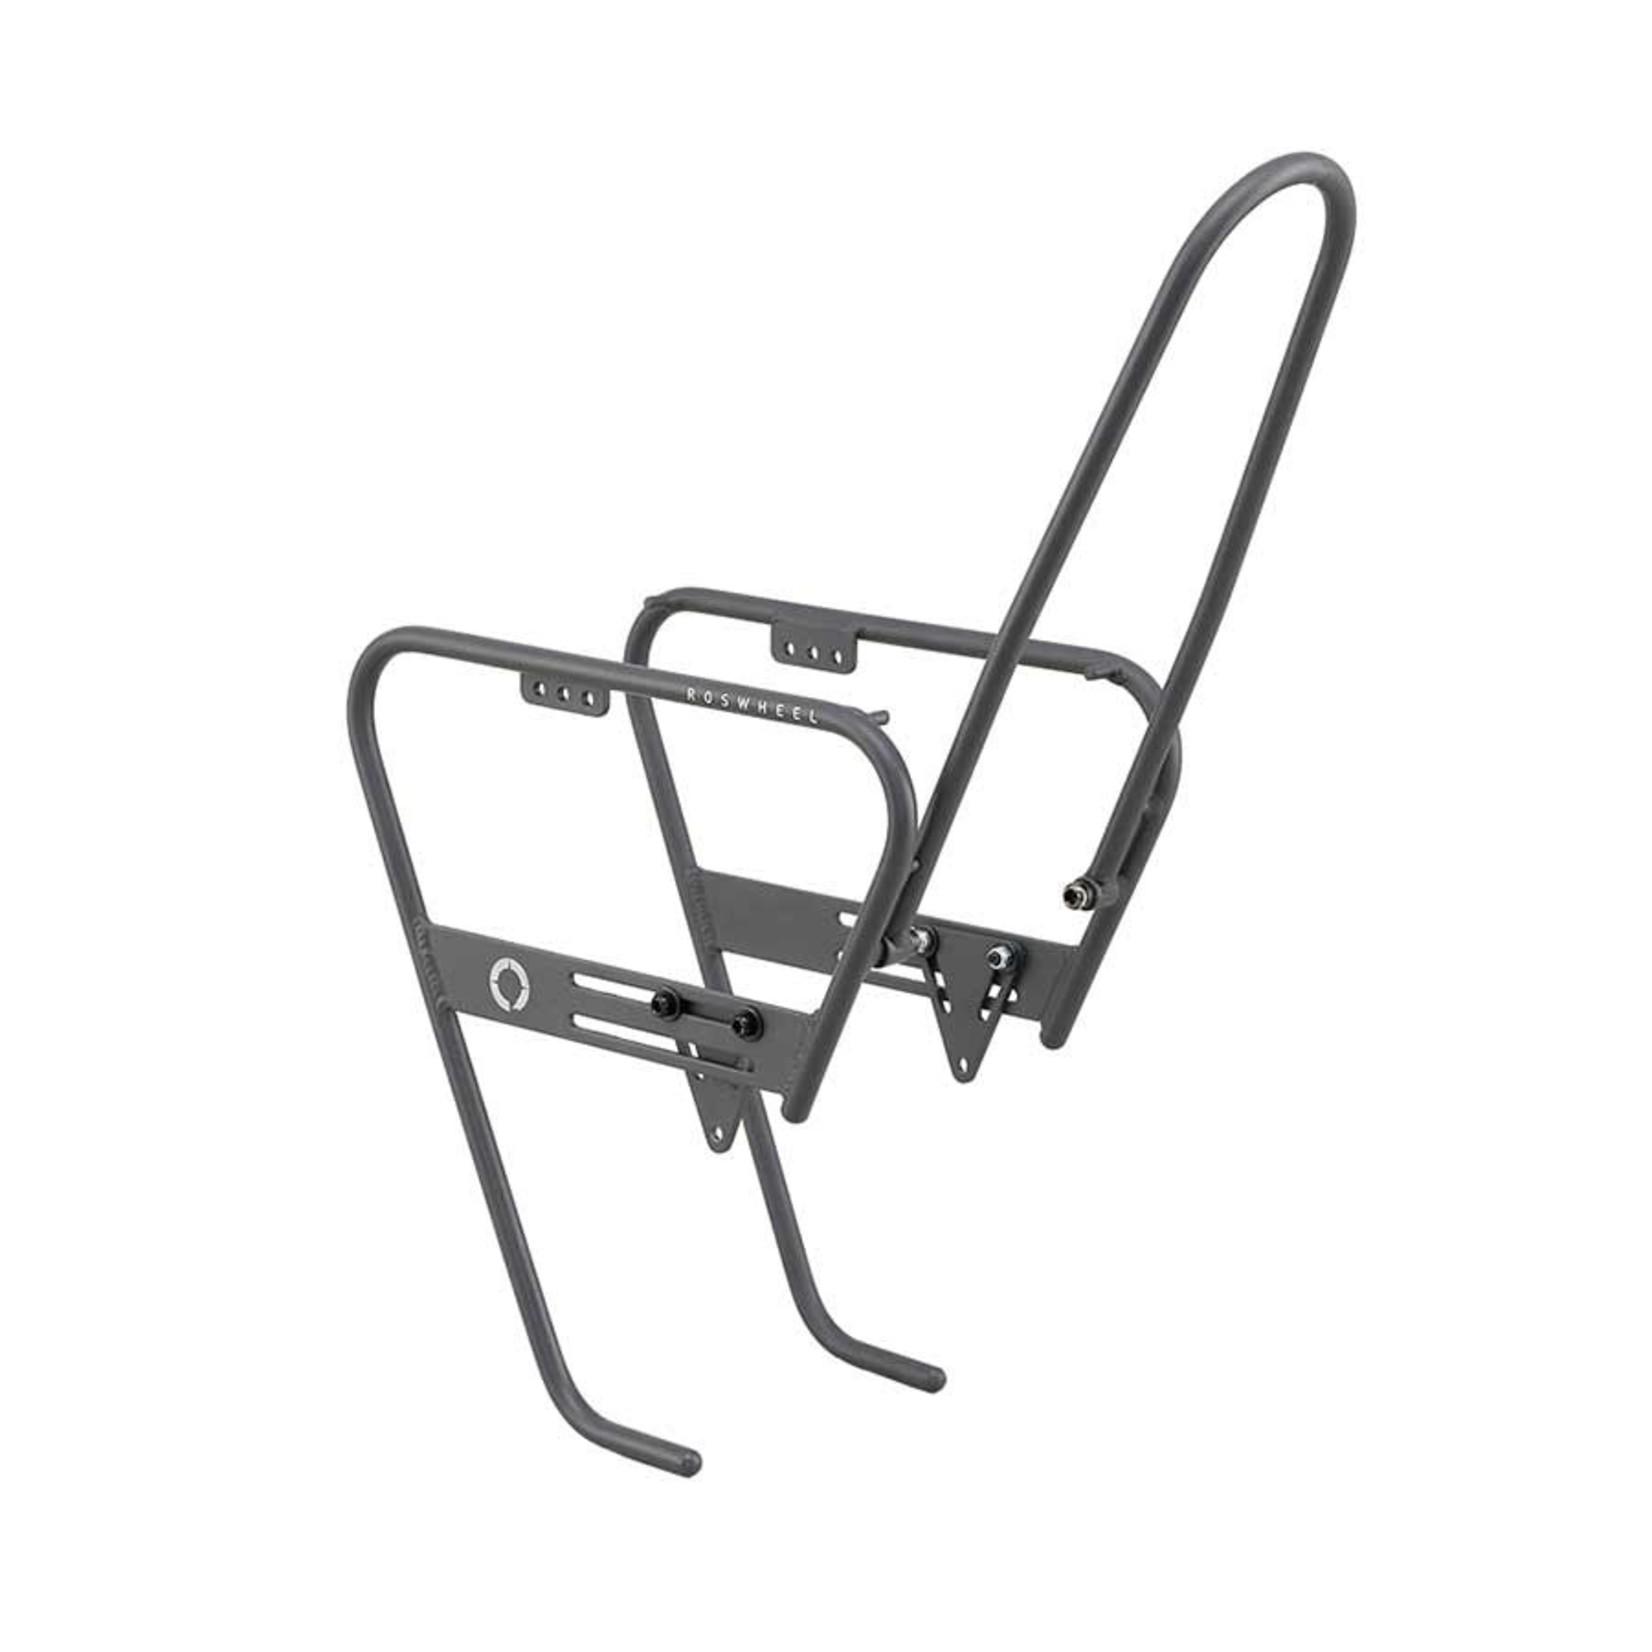 Roswheel Porte-Bagages AvantTour, 650b, 700c, 26'', 27'' et 29'', Noir